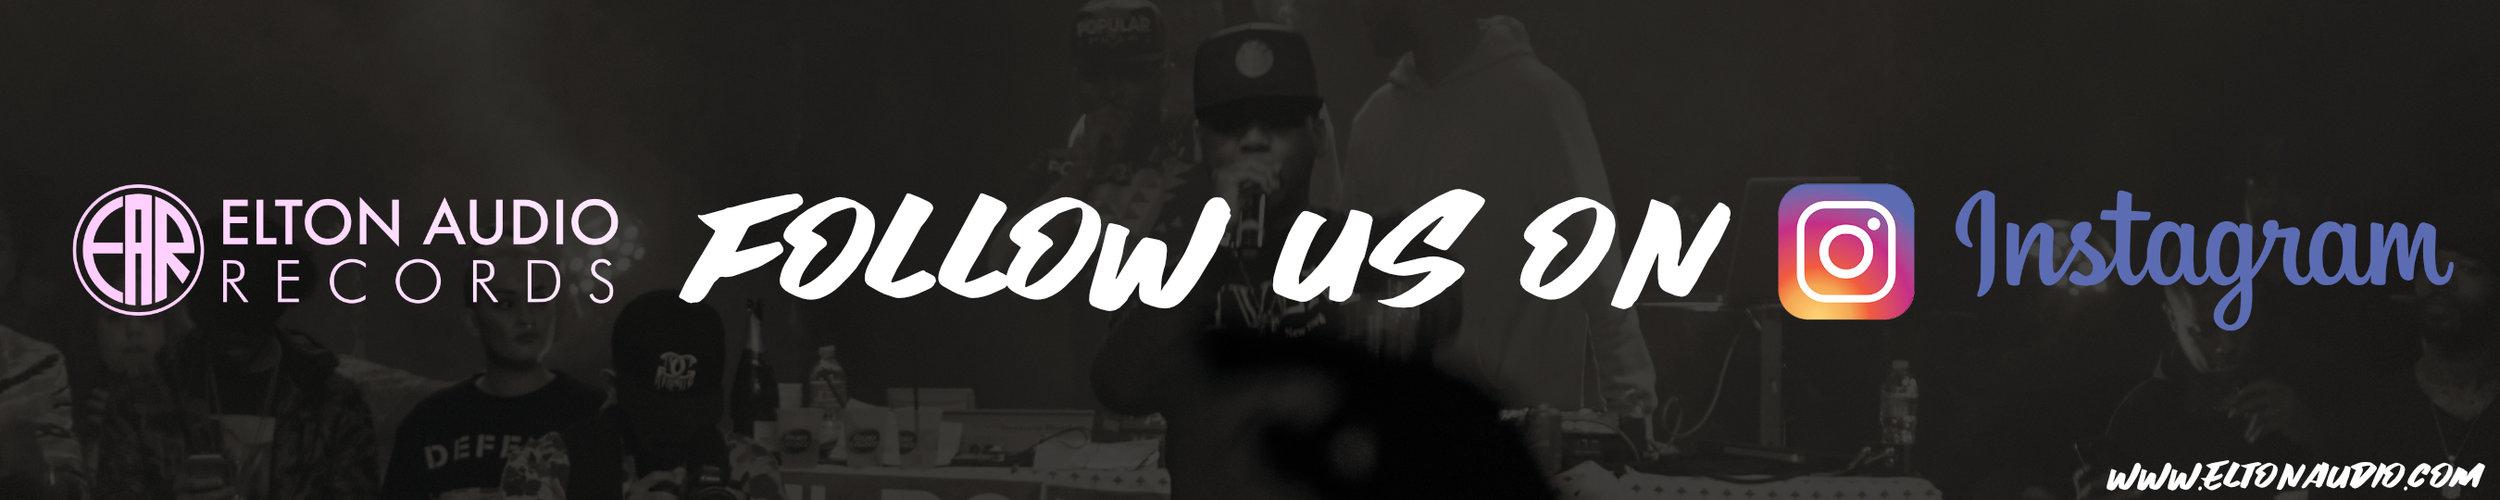 EAR Follow Us On Instagram.jpg